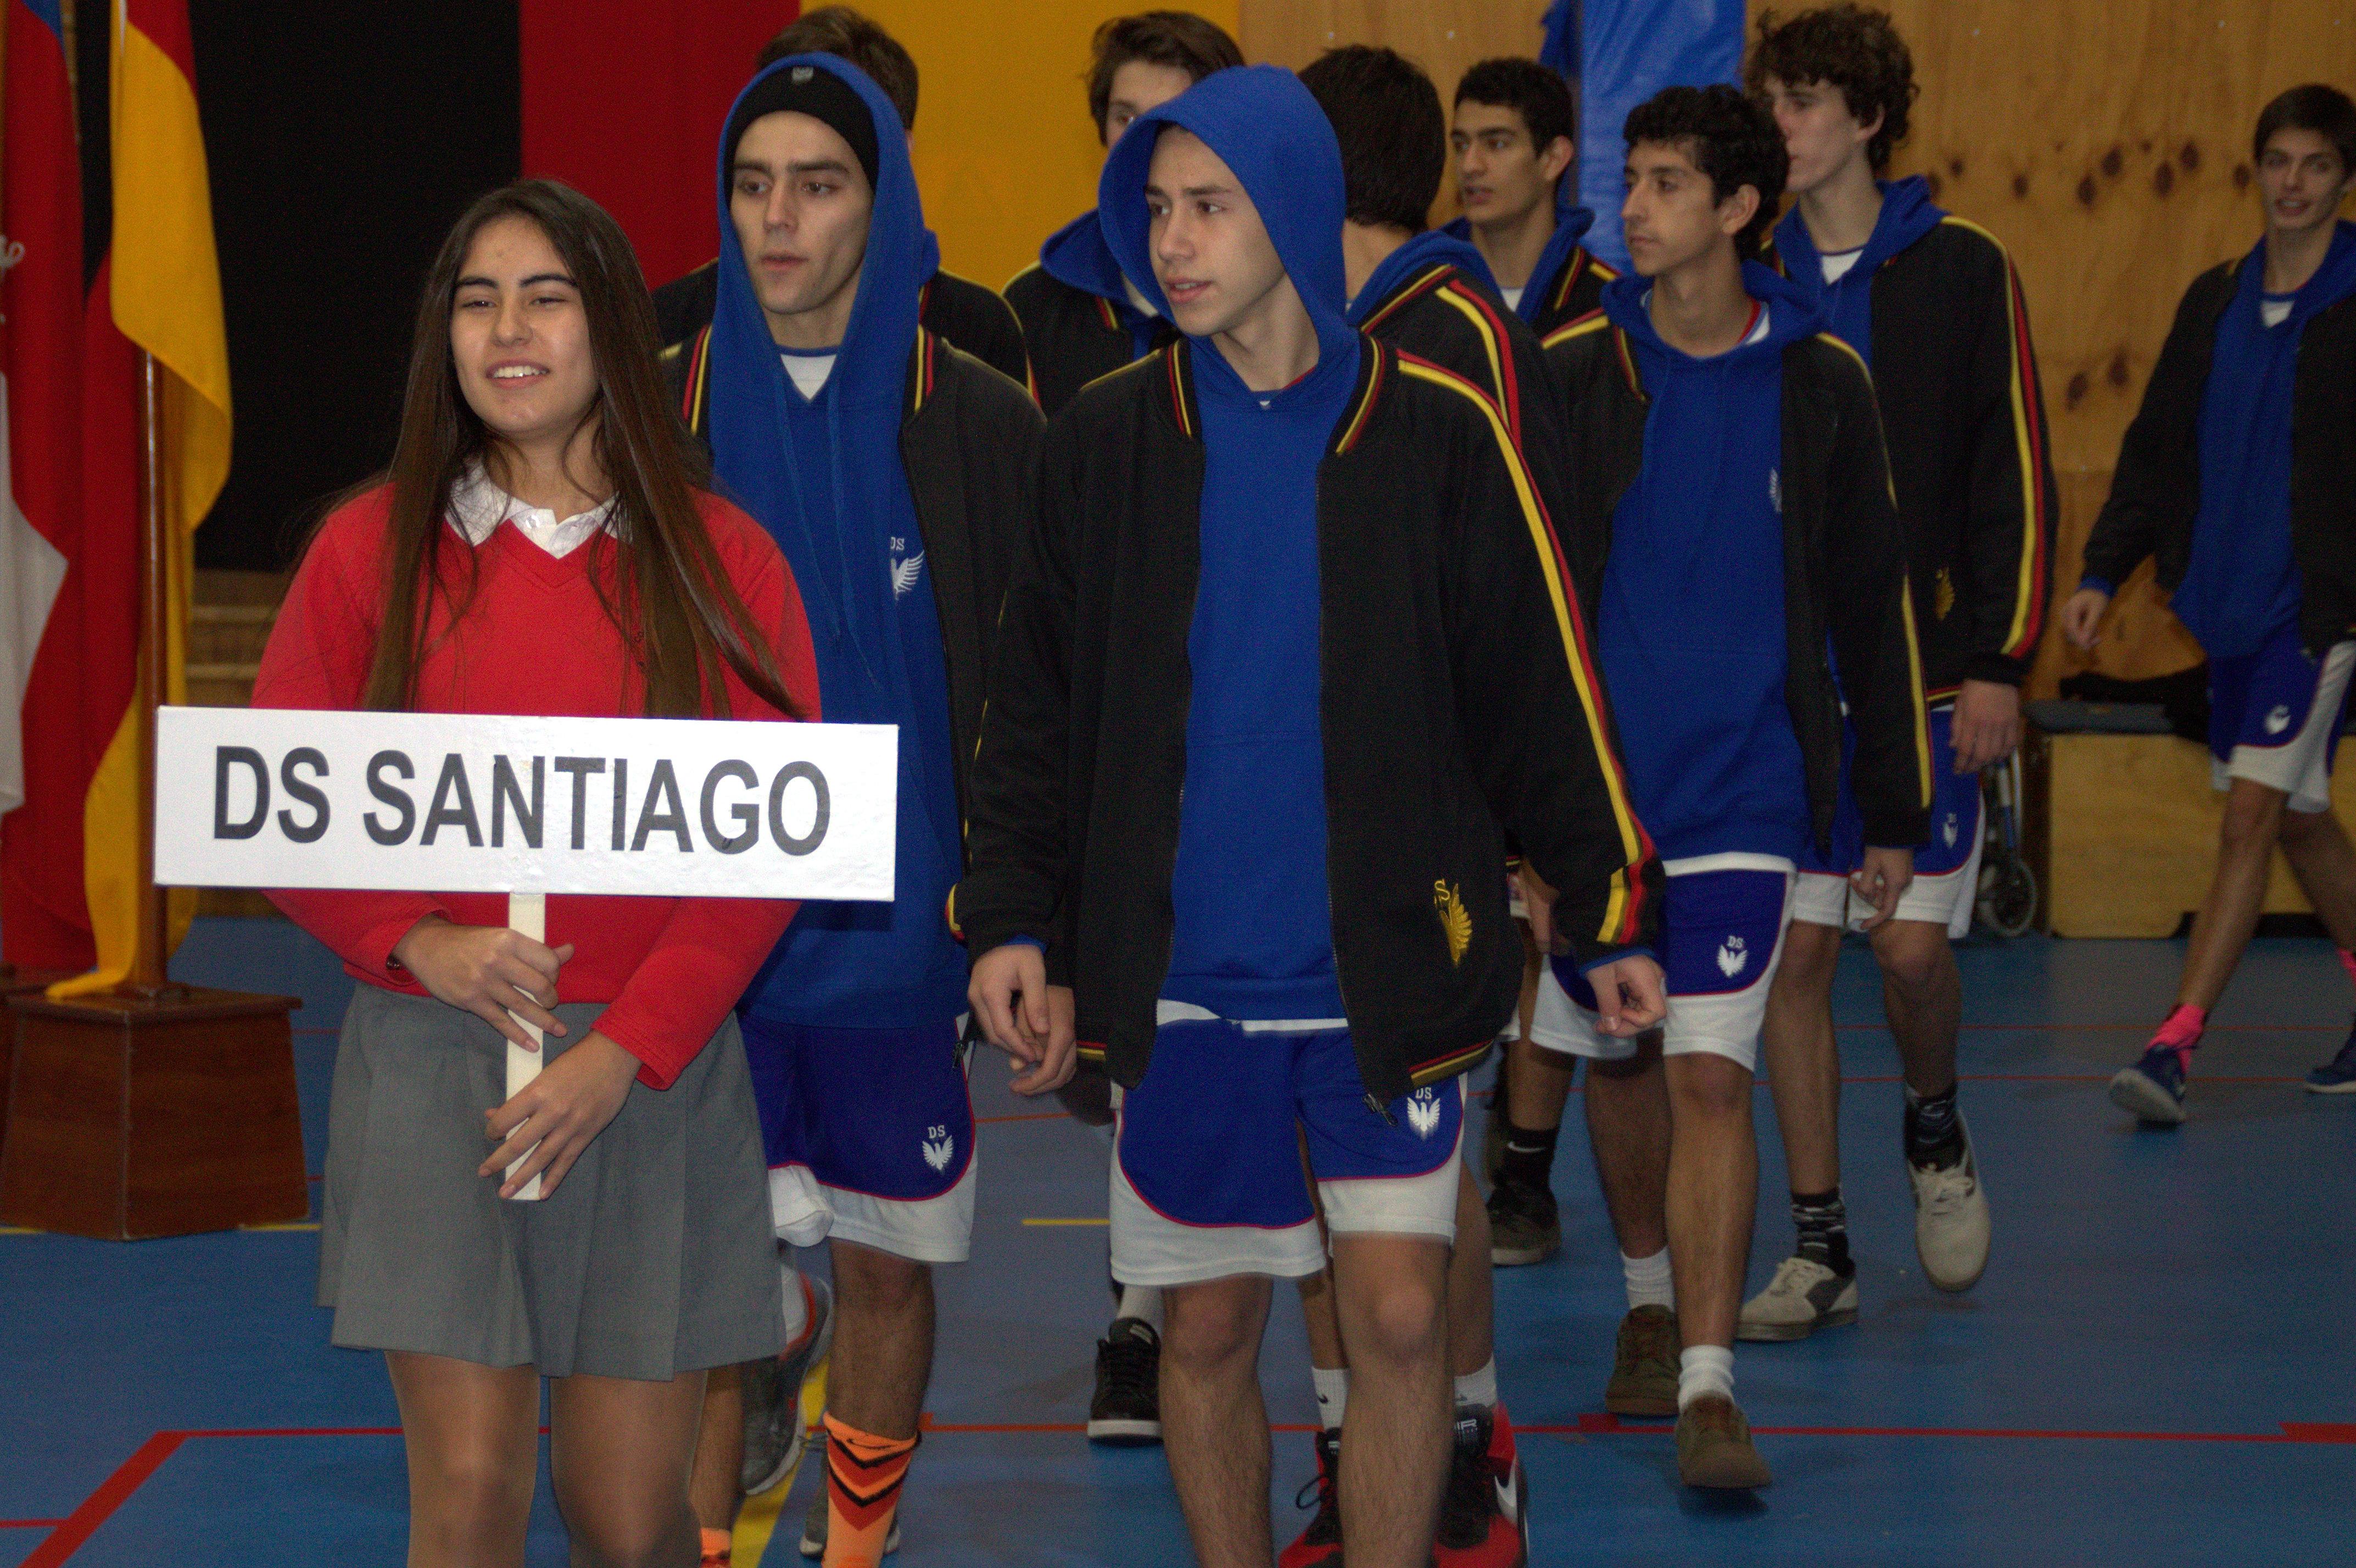 Equipo DS Santiago